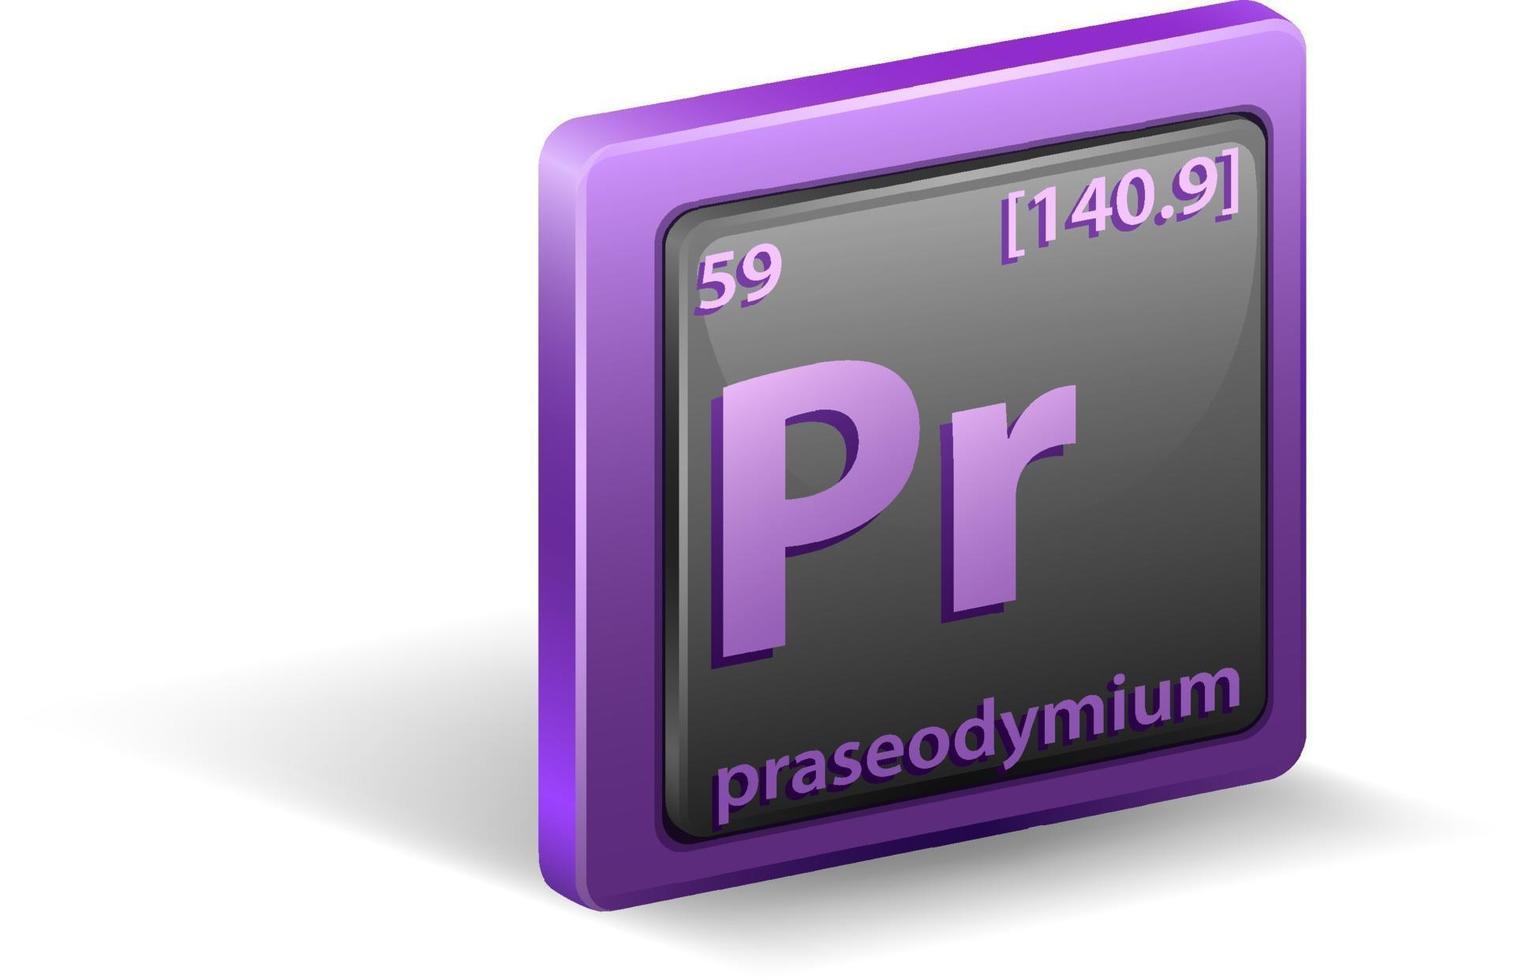 élément chimique praséodyme. symbole chimique avec numéro atomique et masse atomique. vecteur